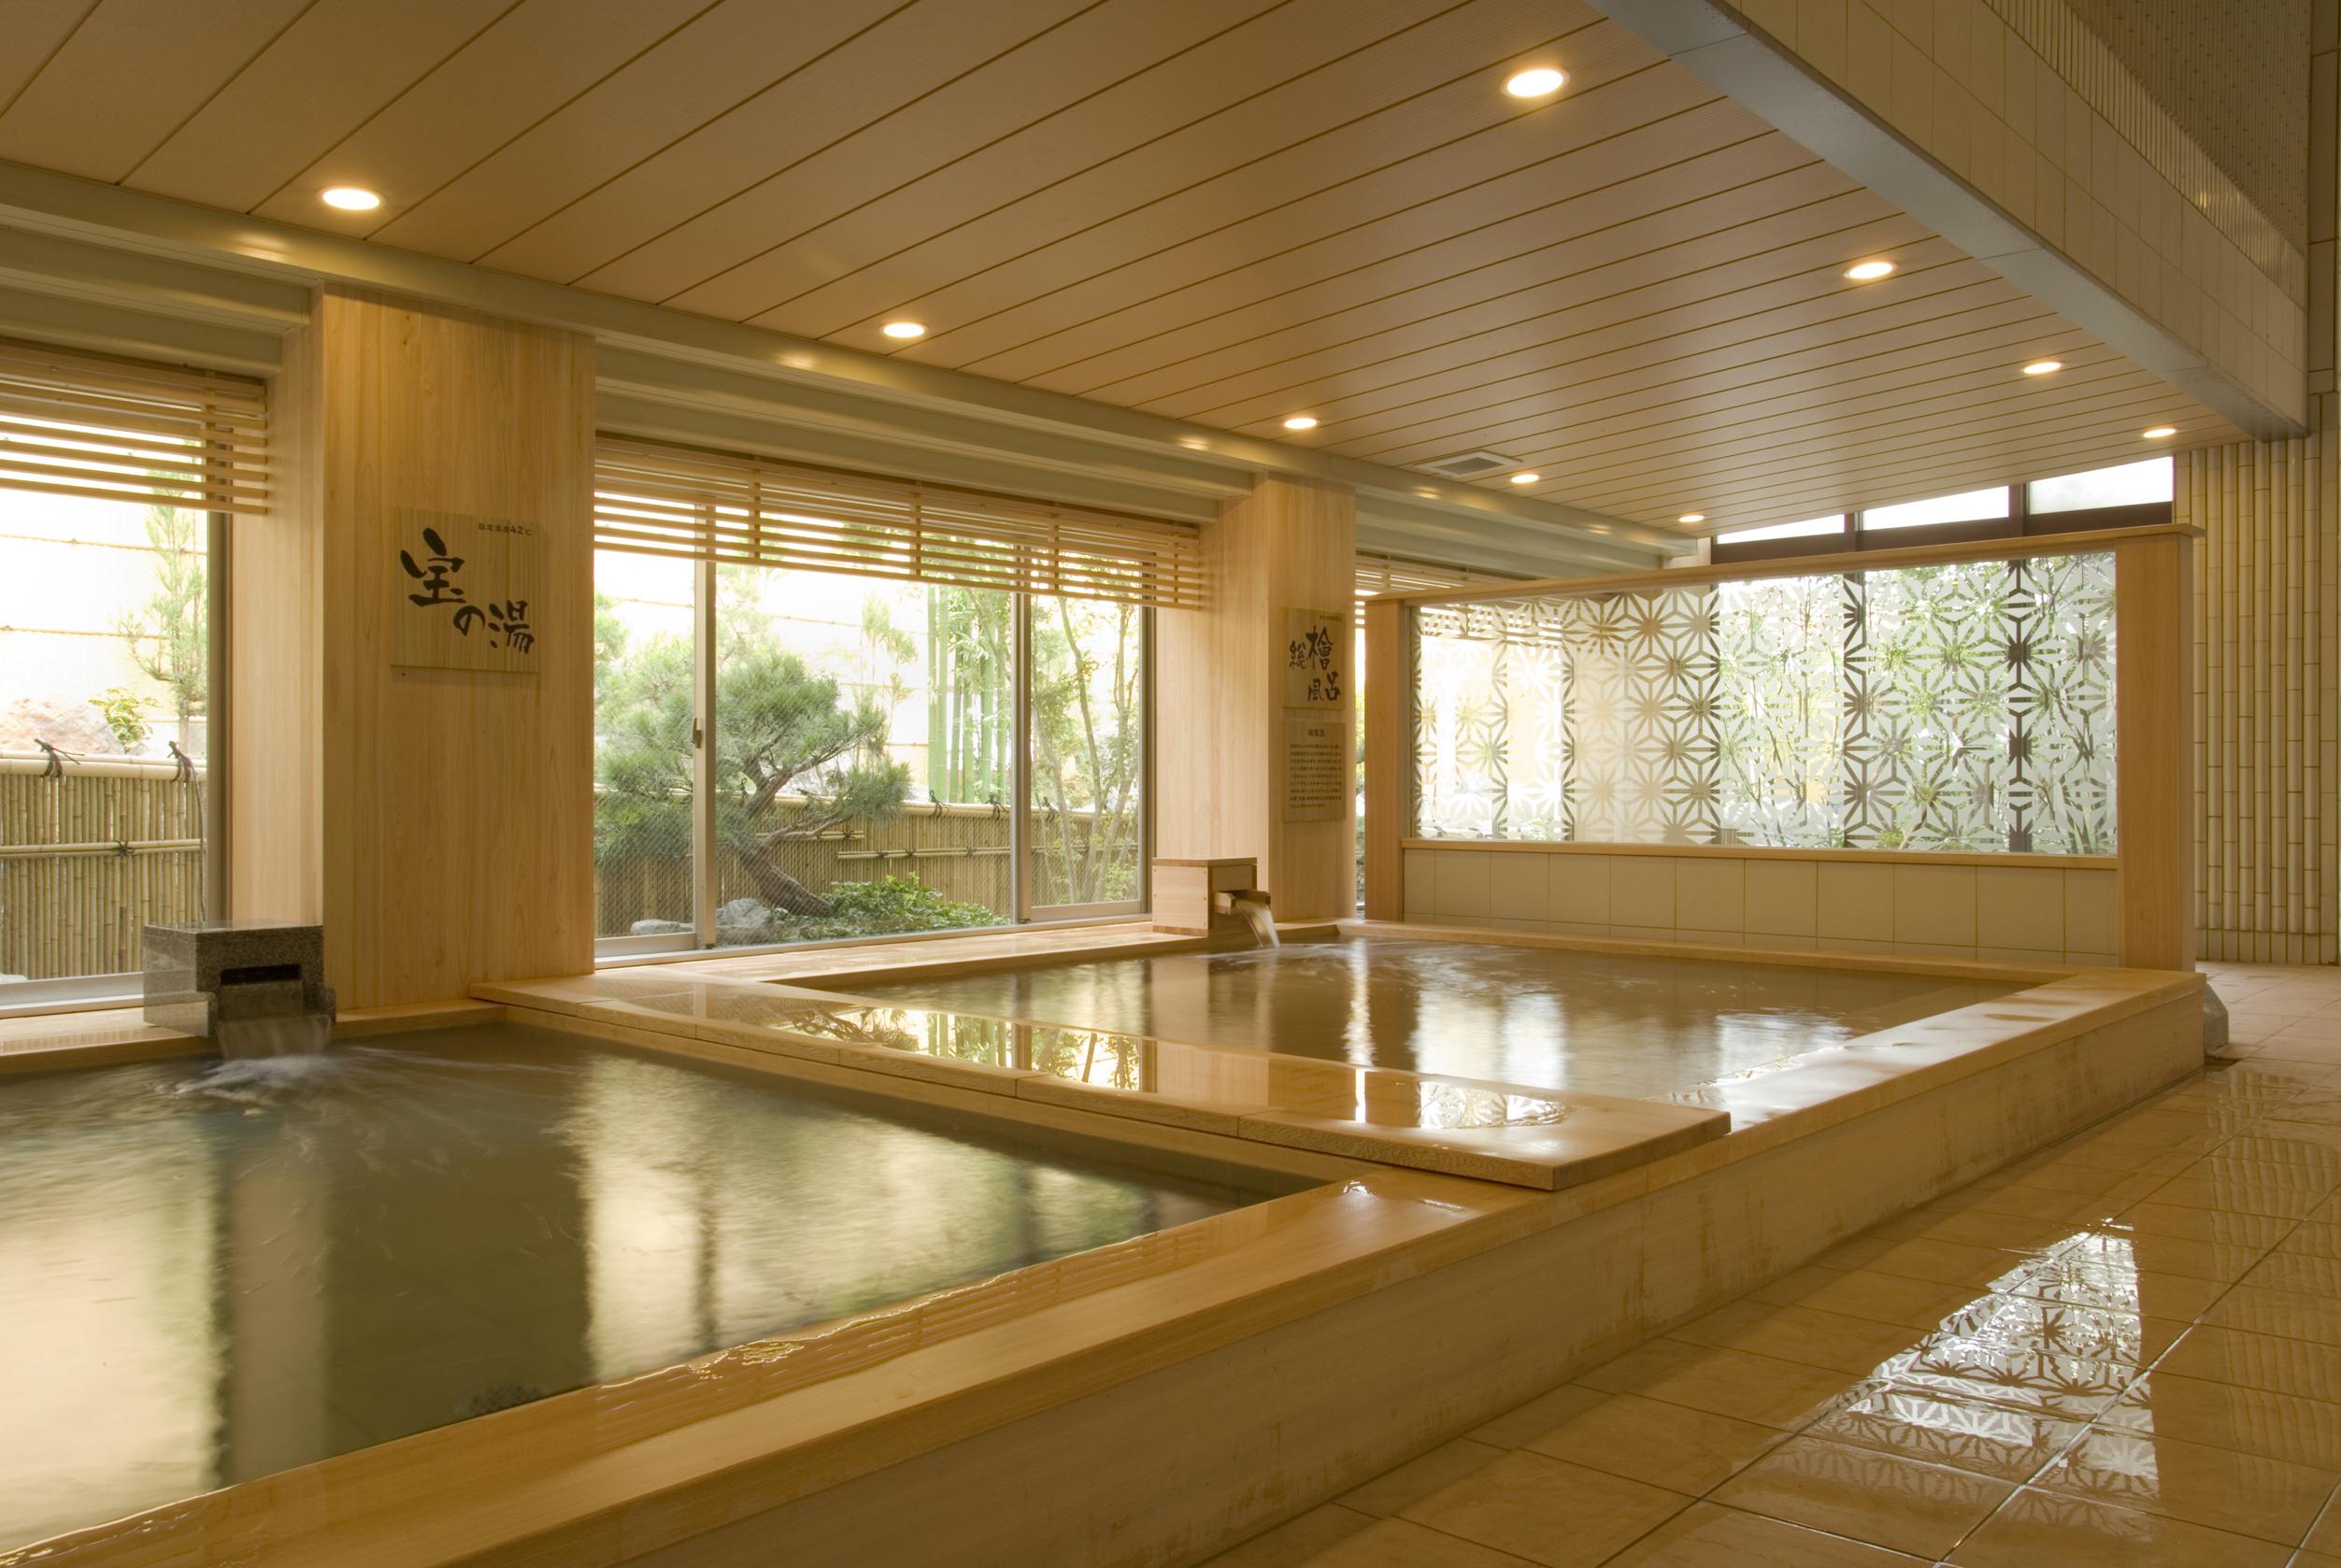 すぐ行ける天然温泉×スパ銭!名古屋近郊おすすめ日帰り入浴施設7選 - 25fee0f23a40029afc23fff8437159b1